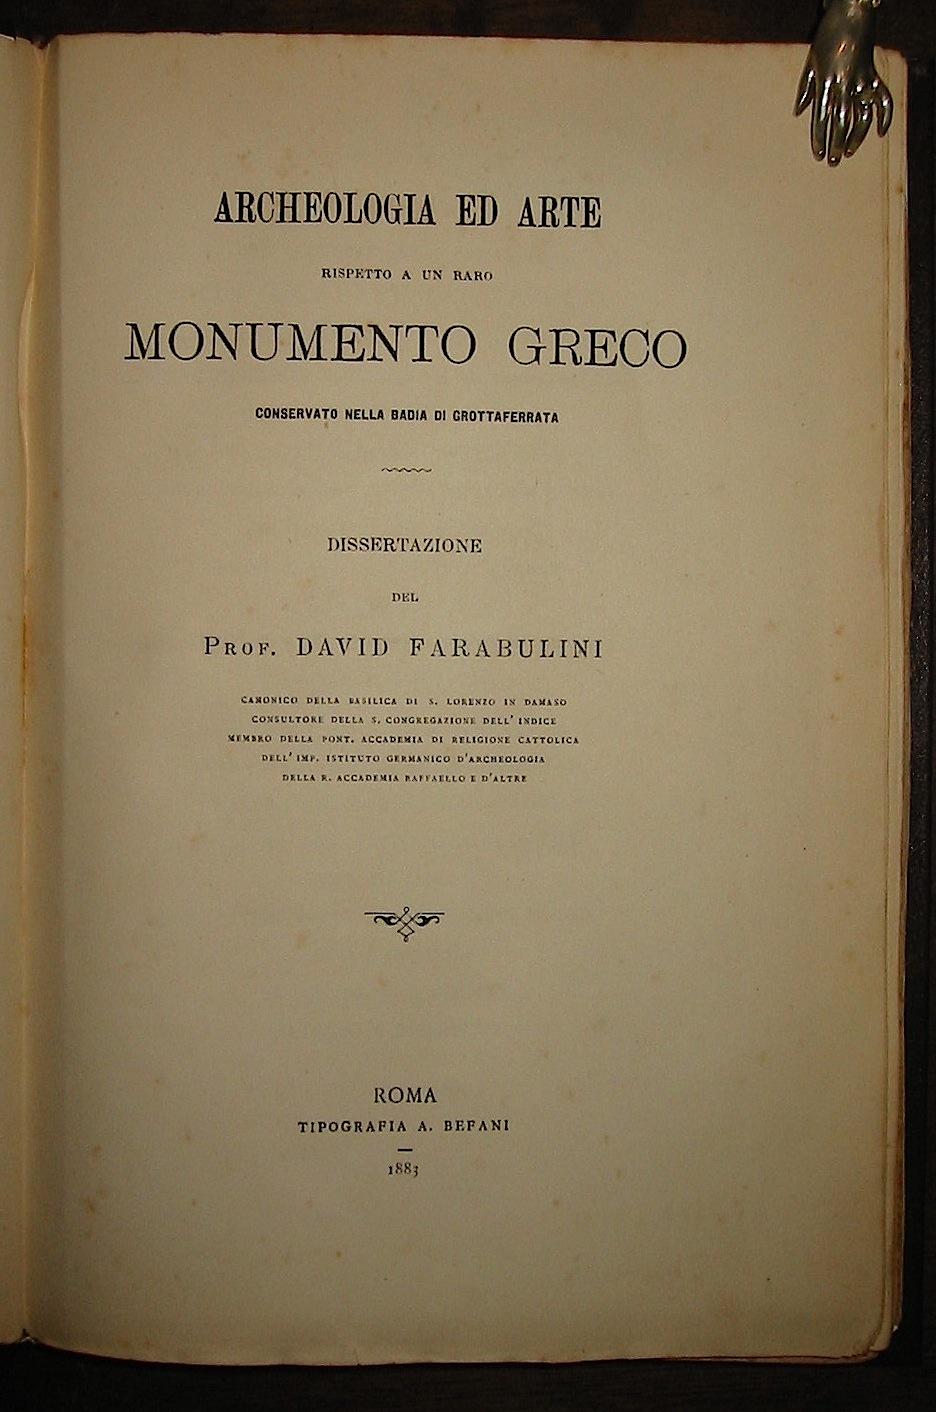 David Farabulini Archeologia ed arte rispetto a un raro monumento greco conservato nella Badia di Grottaferrata 1883 Roma Tipografia A. Befani